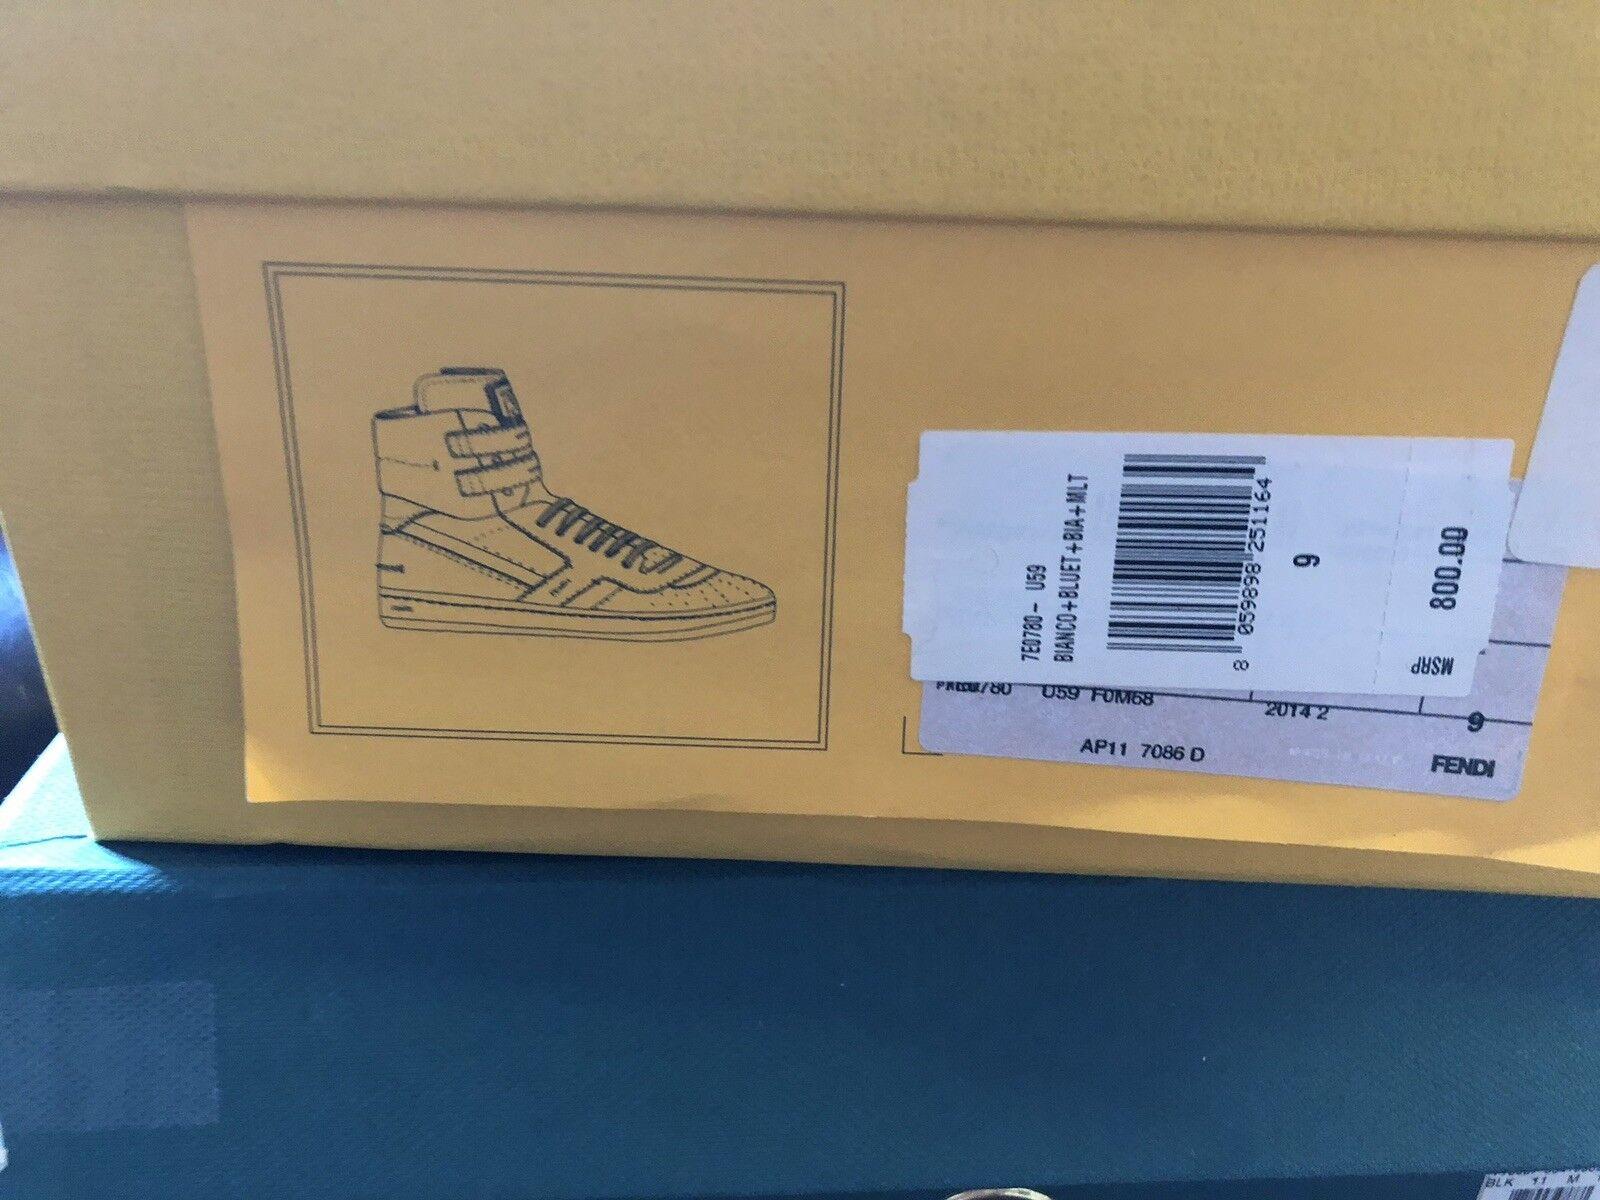 Uomo Fendi  Size 9 Pristine  Condition Shoes .  Retails For  800